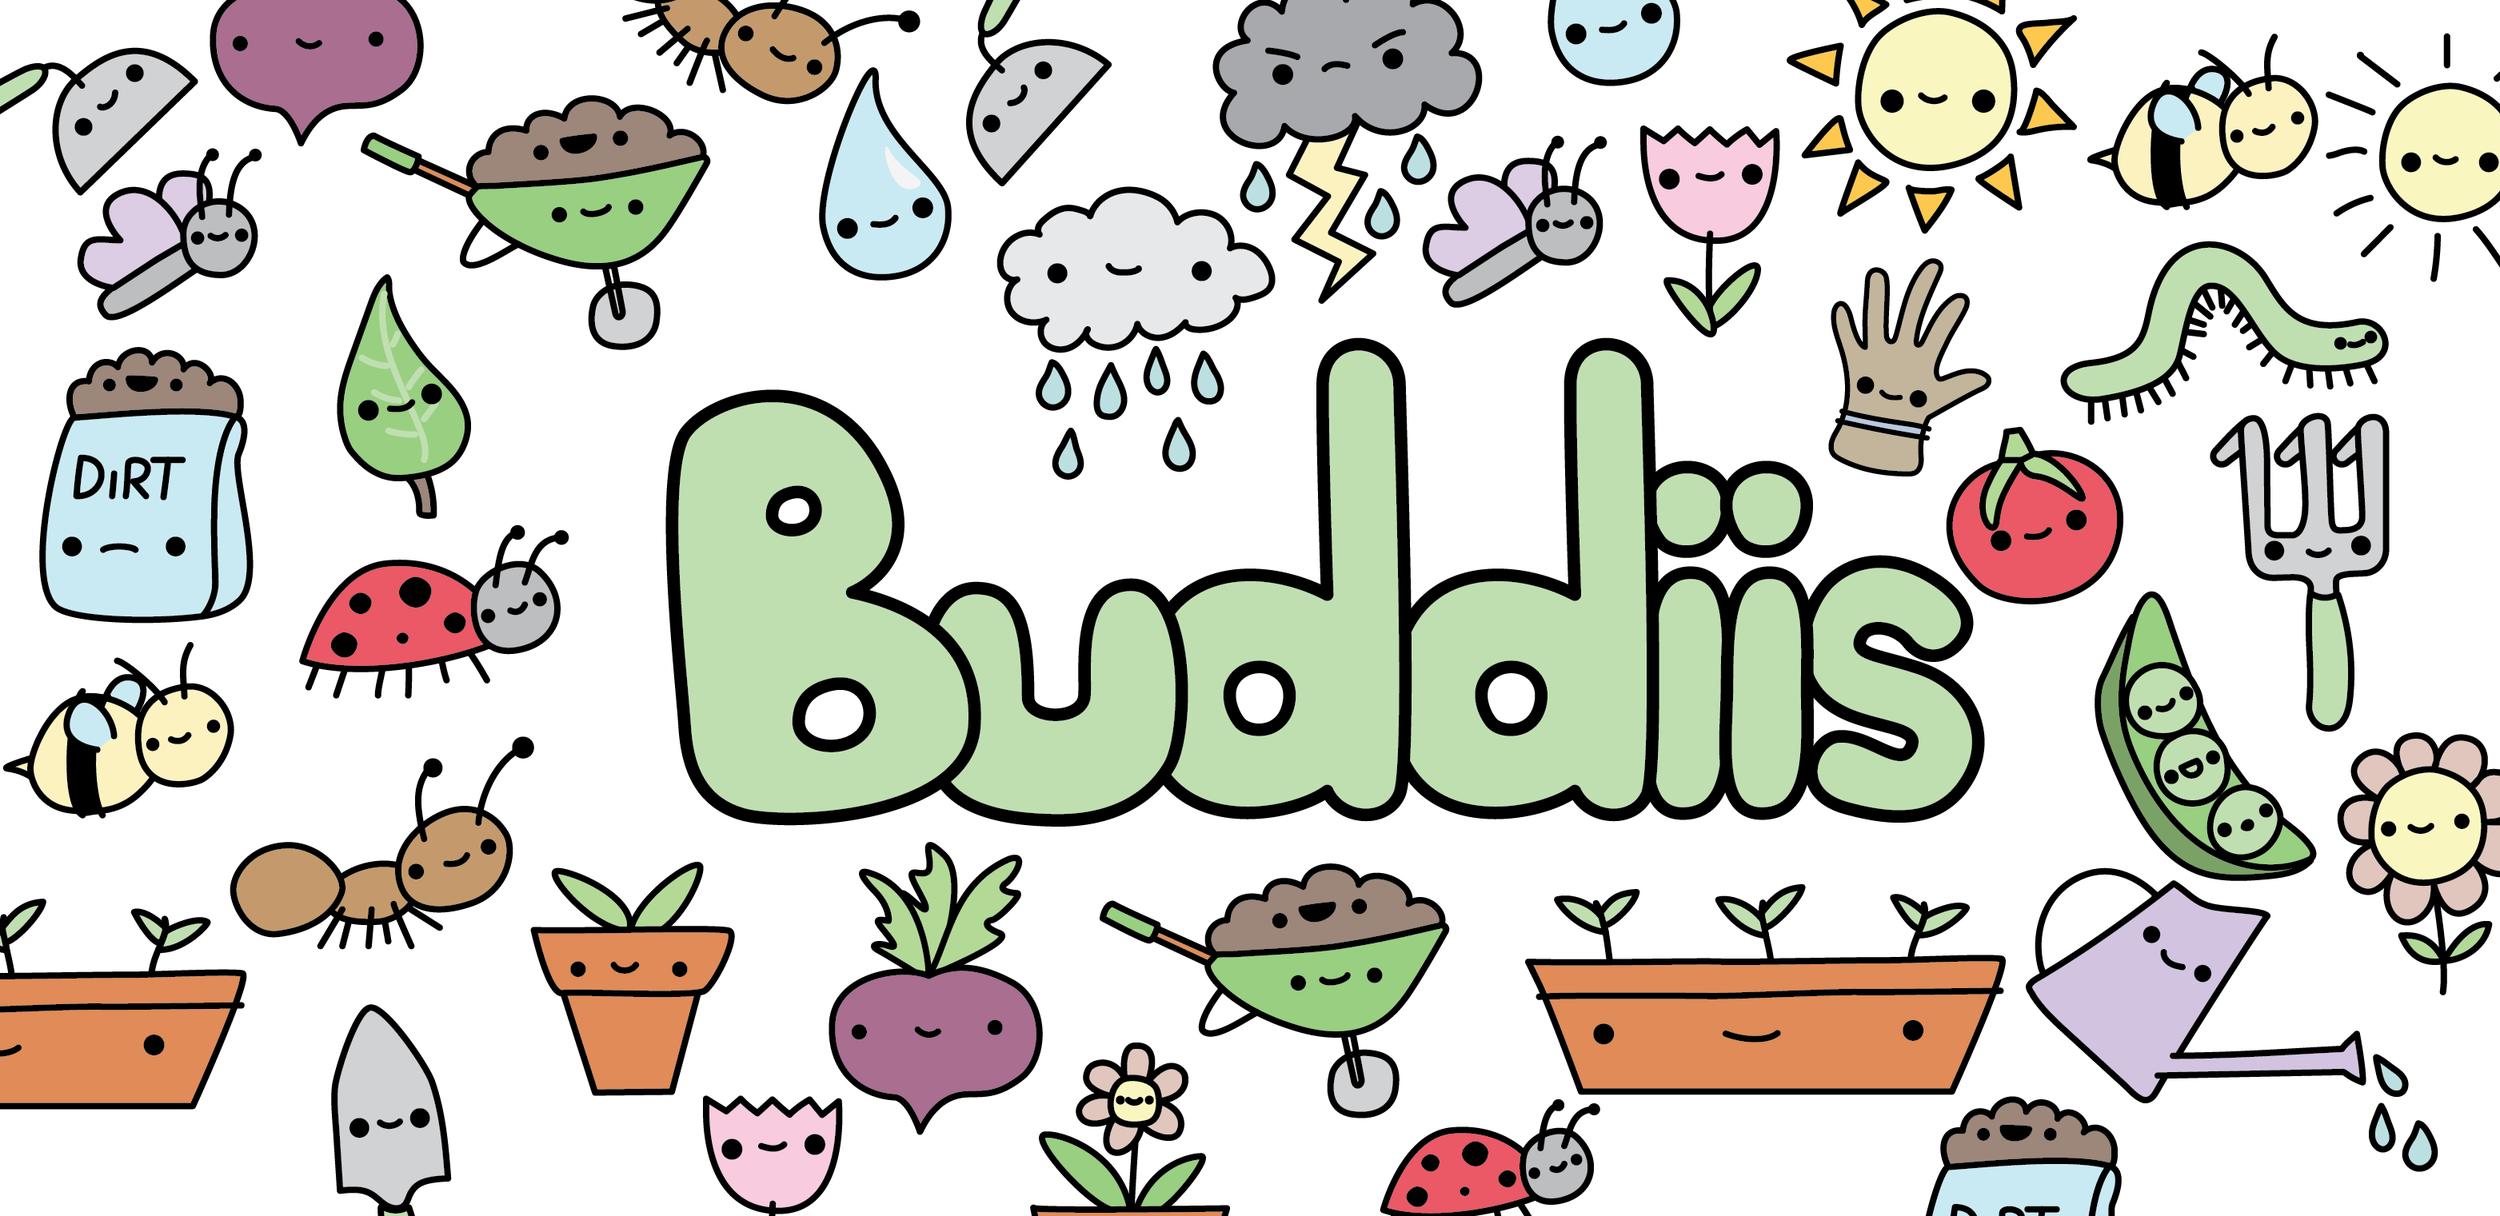 buddiis-02.png